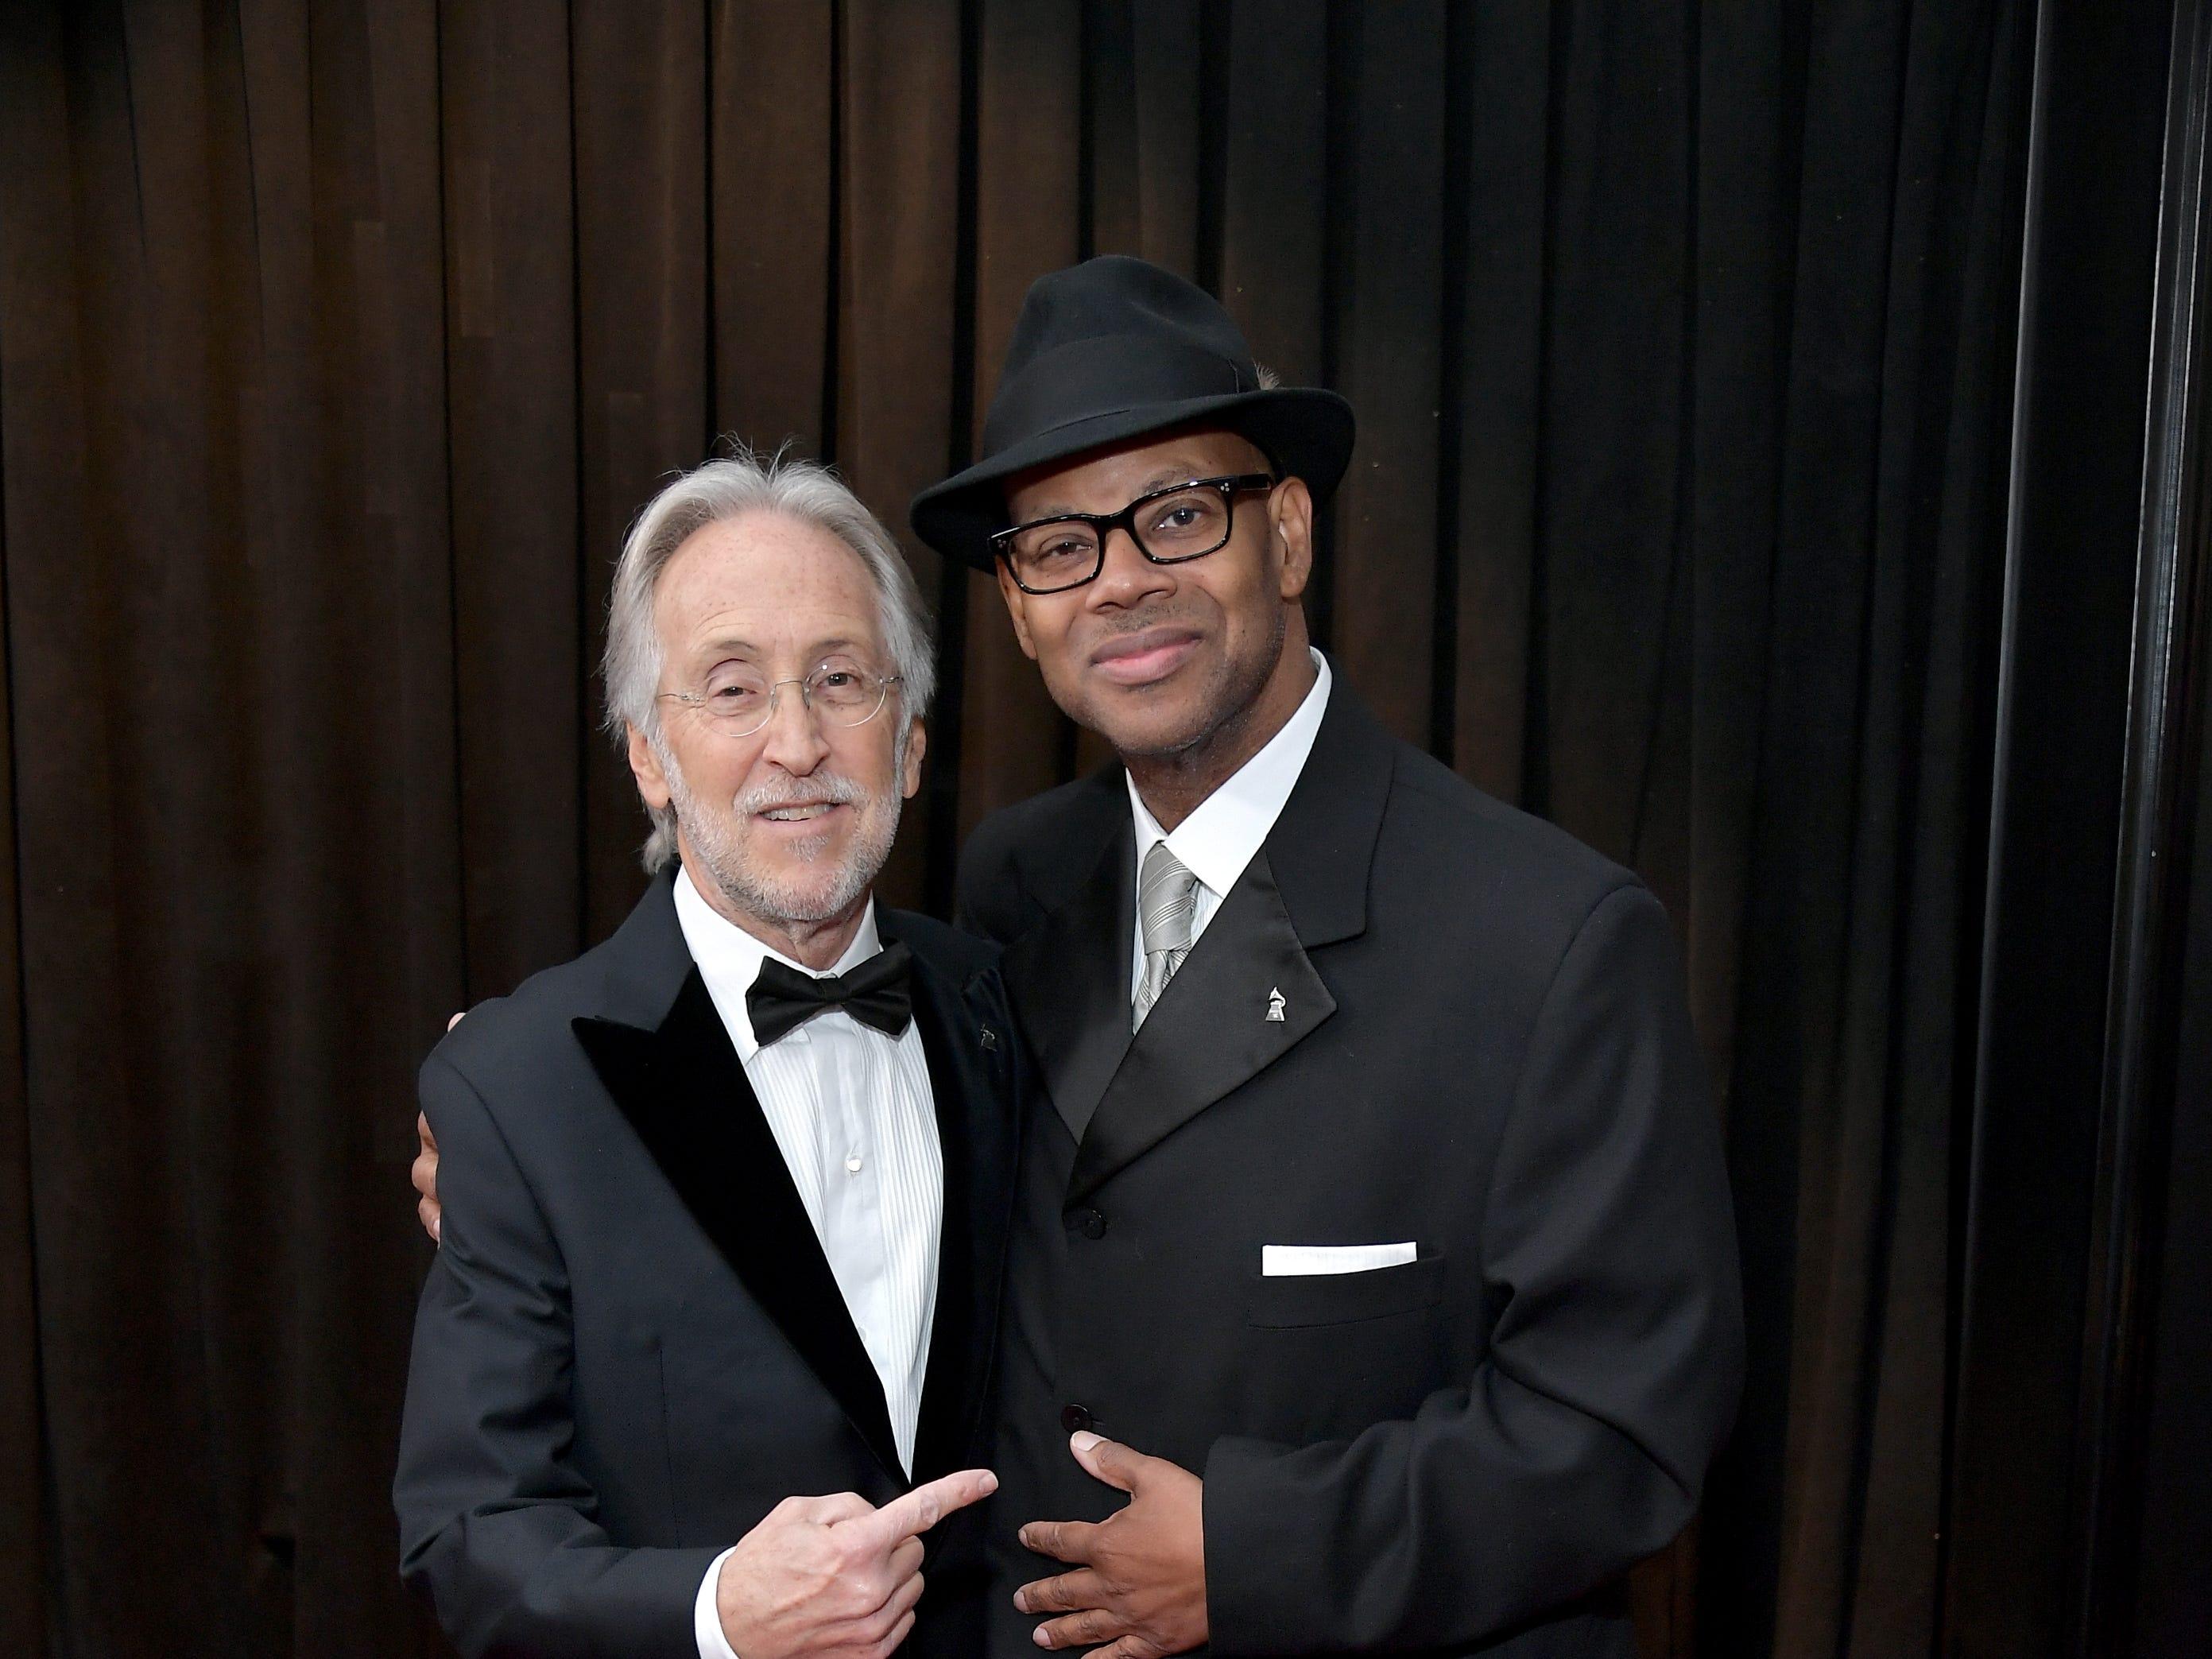 El presidente y CEO de The Recording Academy Neil Portnow y Jimmy Jam asisten a la 61ª edición de los premios GRAMMY en el Staples Center el 10 de febrero de 2019 en Los Ángeles, California.